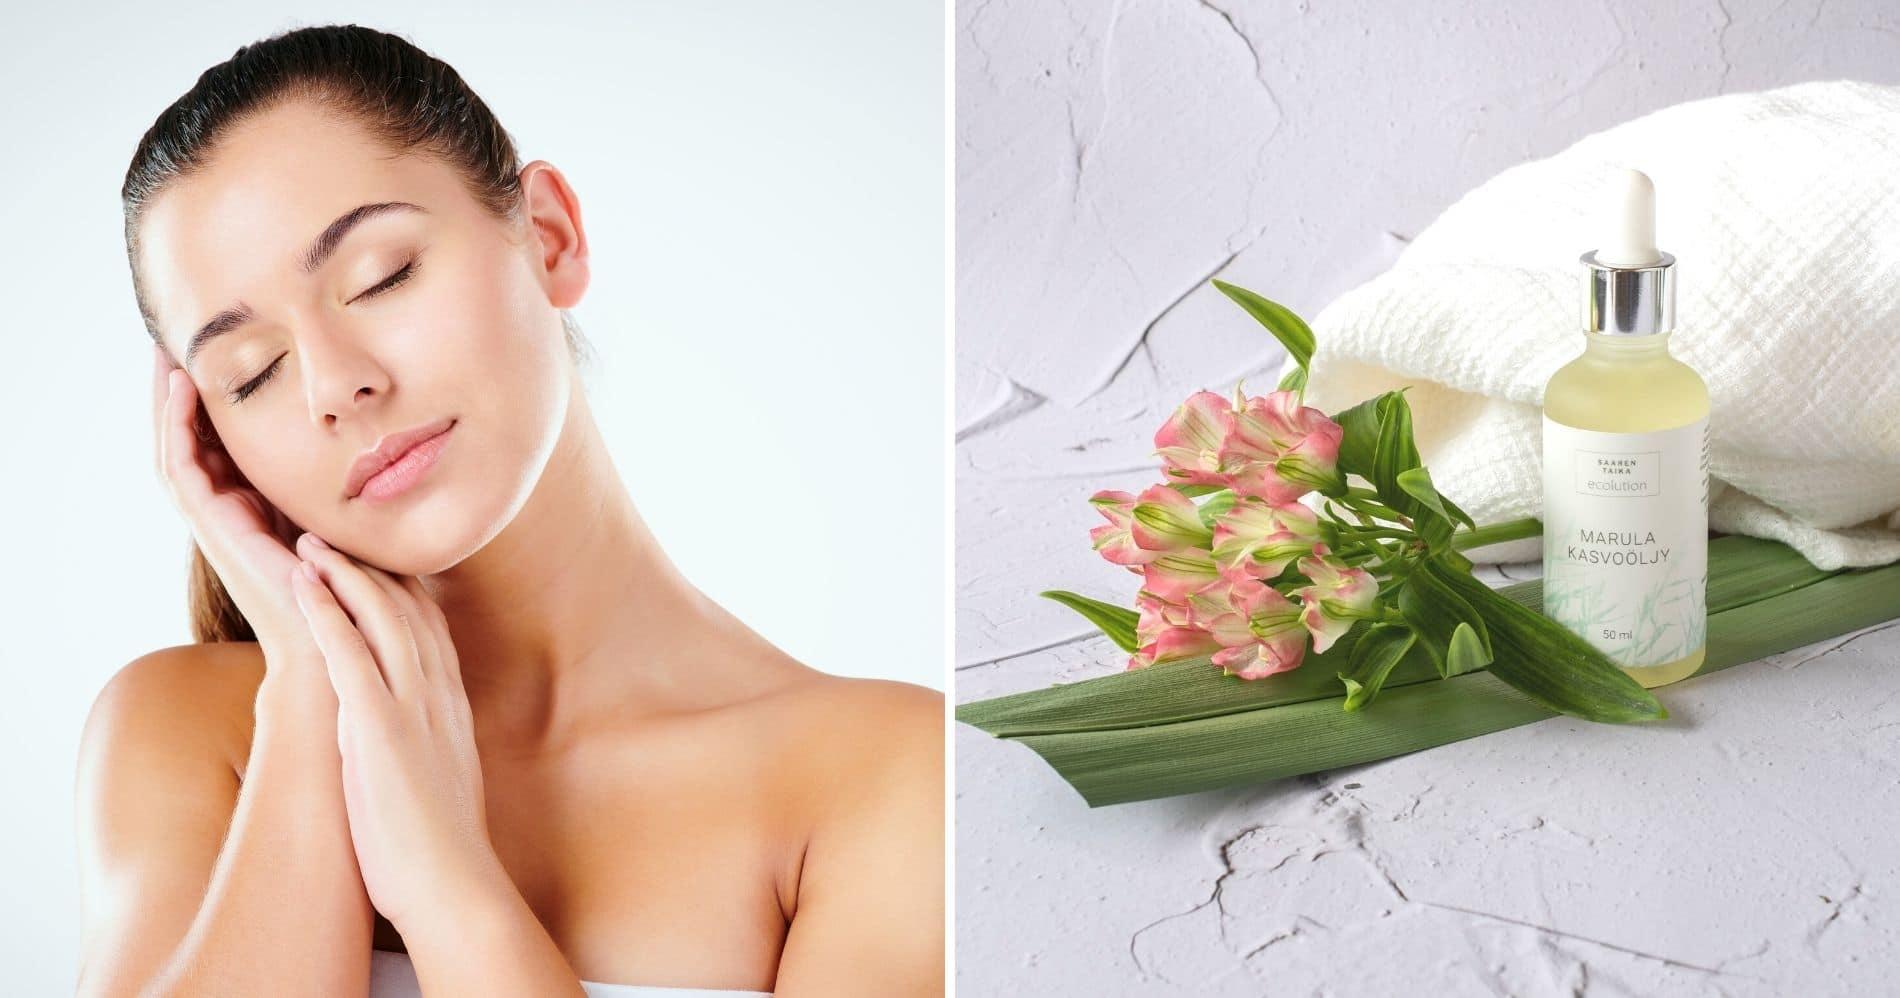 Kasvoöljyn tehtävänä on hoitaa ja siloittaa ihoa. Ne sisältävät ihon kimmoisuutta parantavia rasvahappoja. Kasvoöljy suojaa ihoa ja auttaa säilyttämään sen kosteuden.